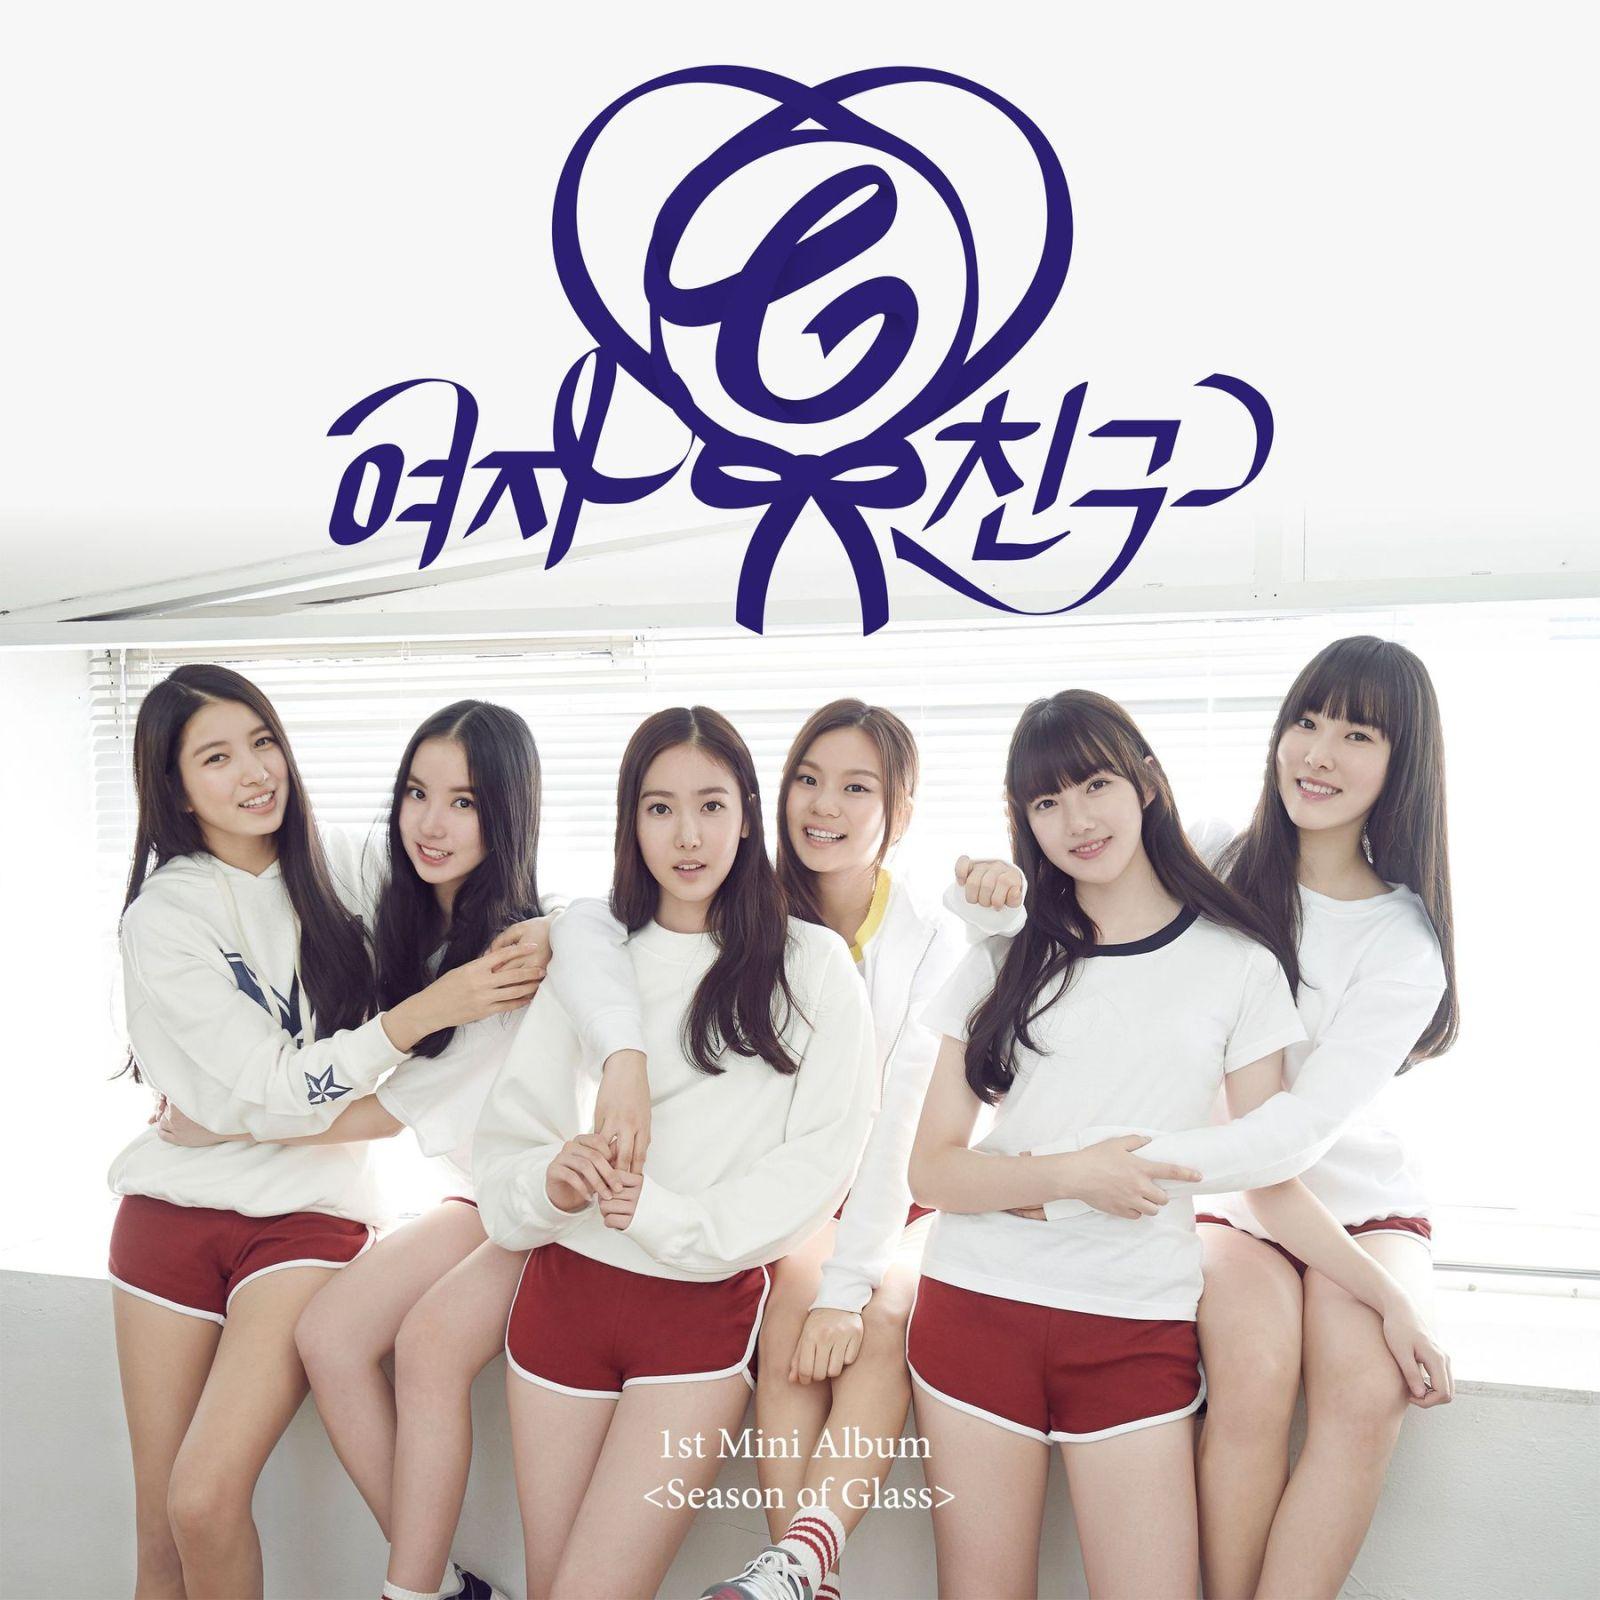 Season of glass 1st mini album gfriend album